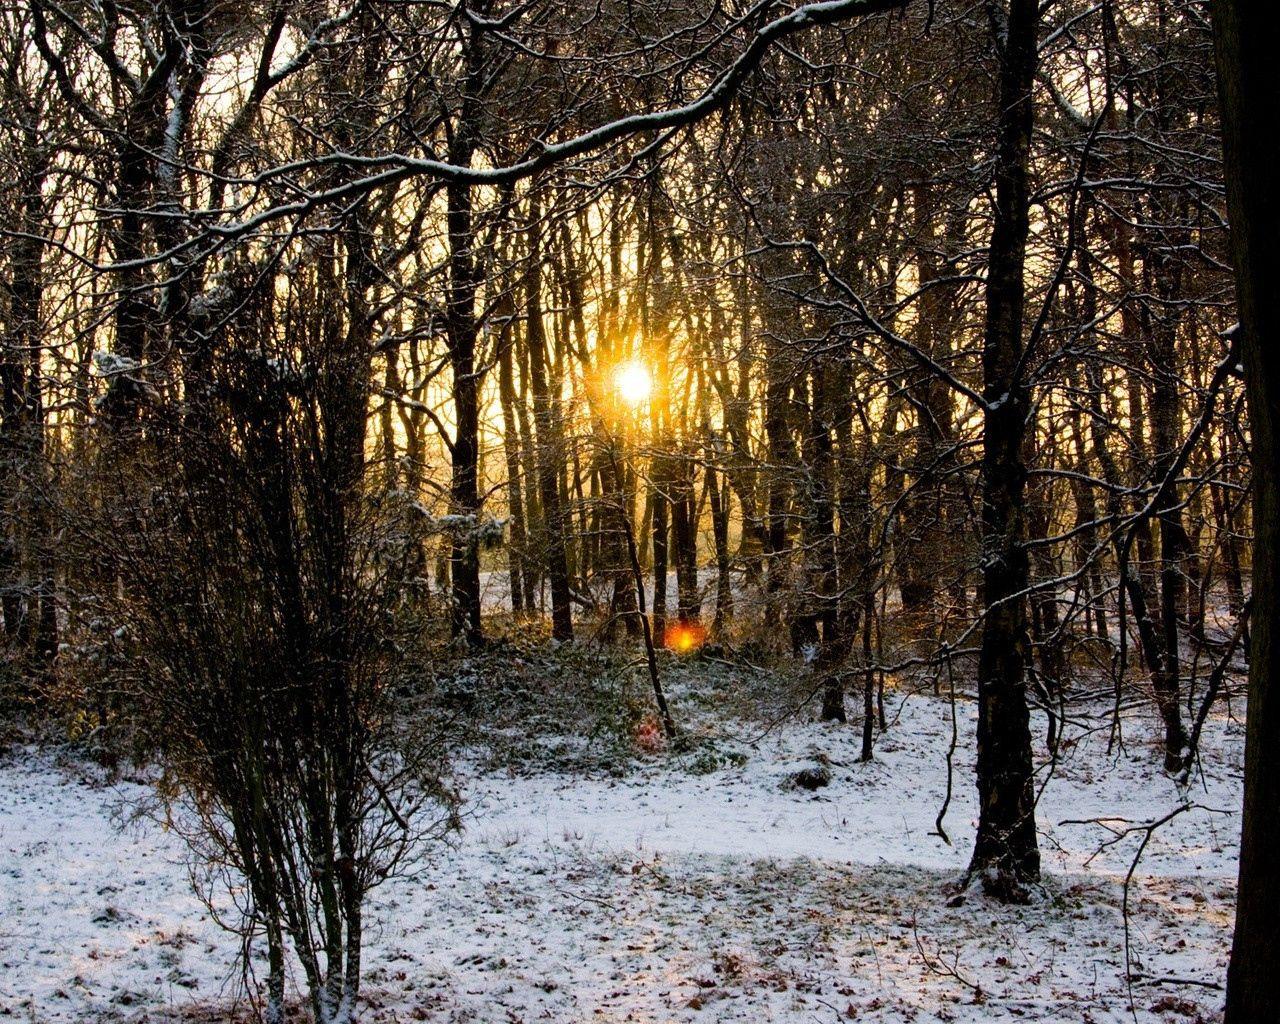 90669 скачать обои Природа, Лес, Деревья, Ветки, Осень, Снег, Рассвет, Холод, Солнце - заставки и картинки бесплатно